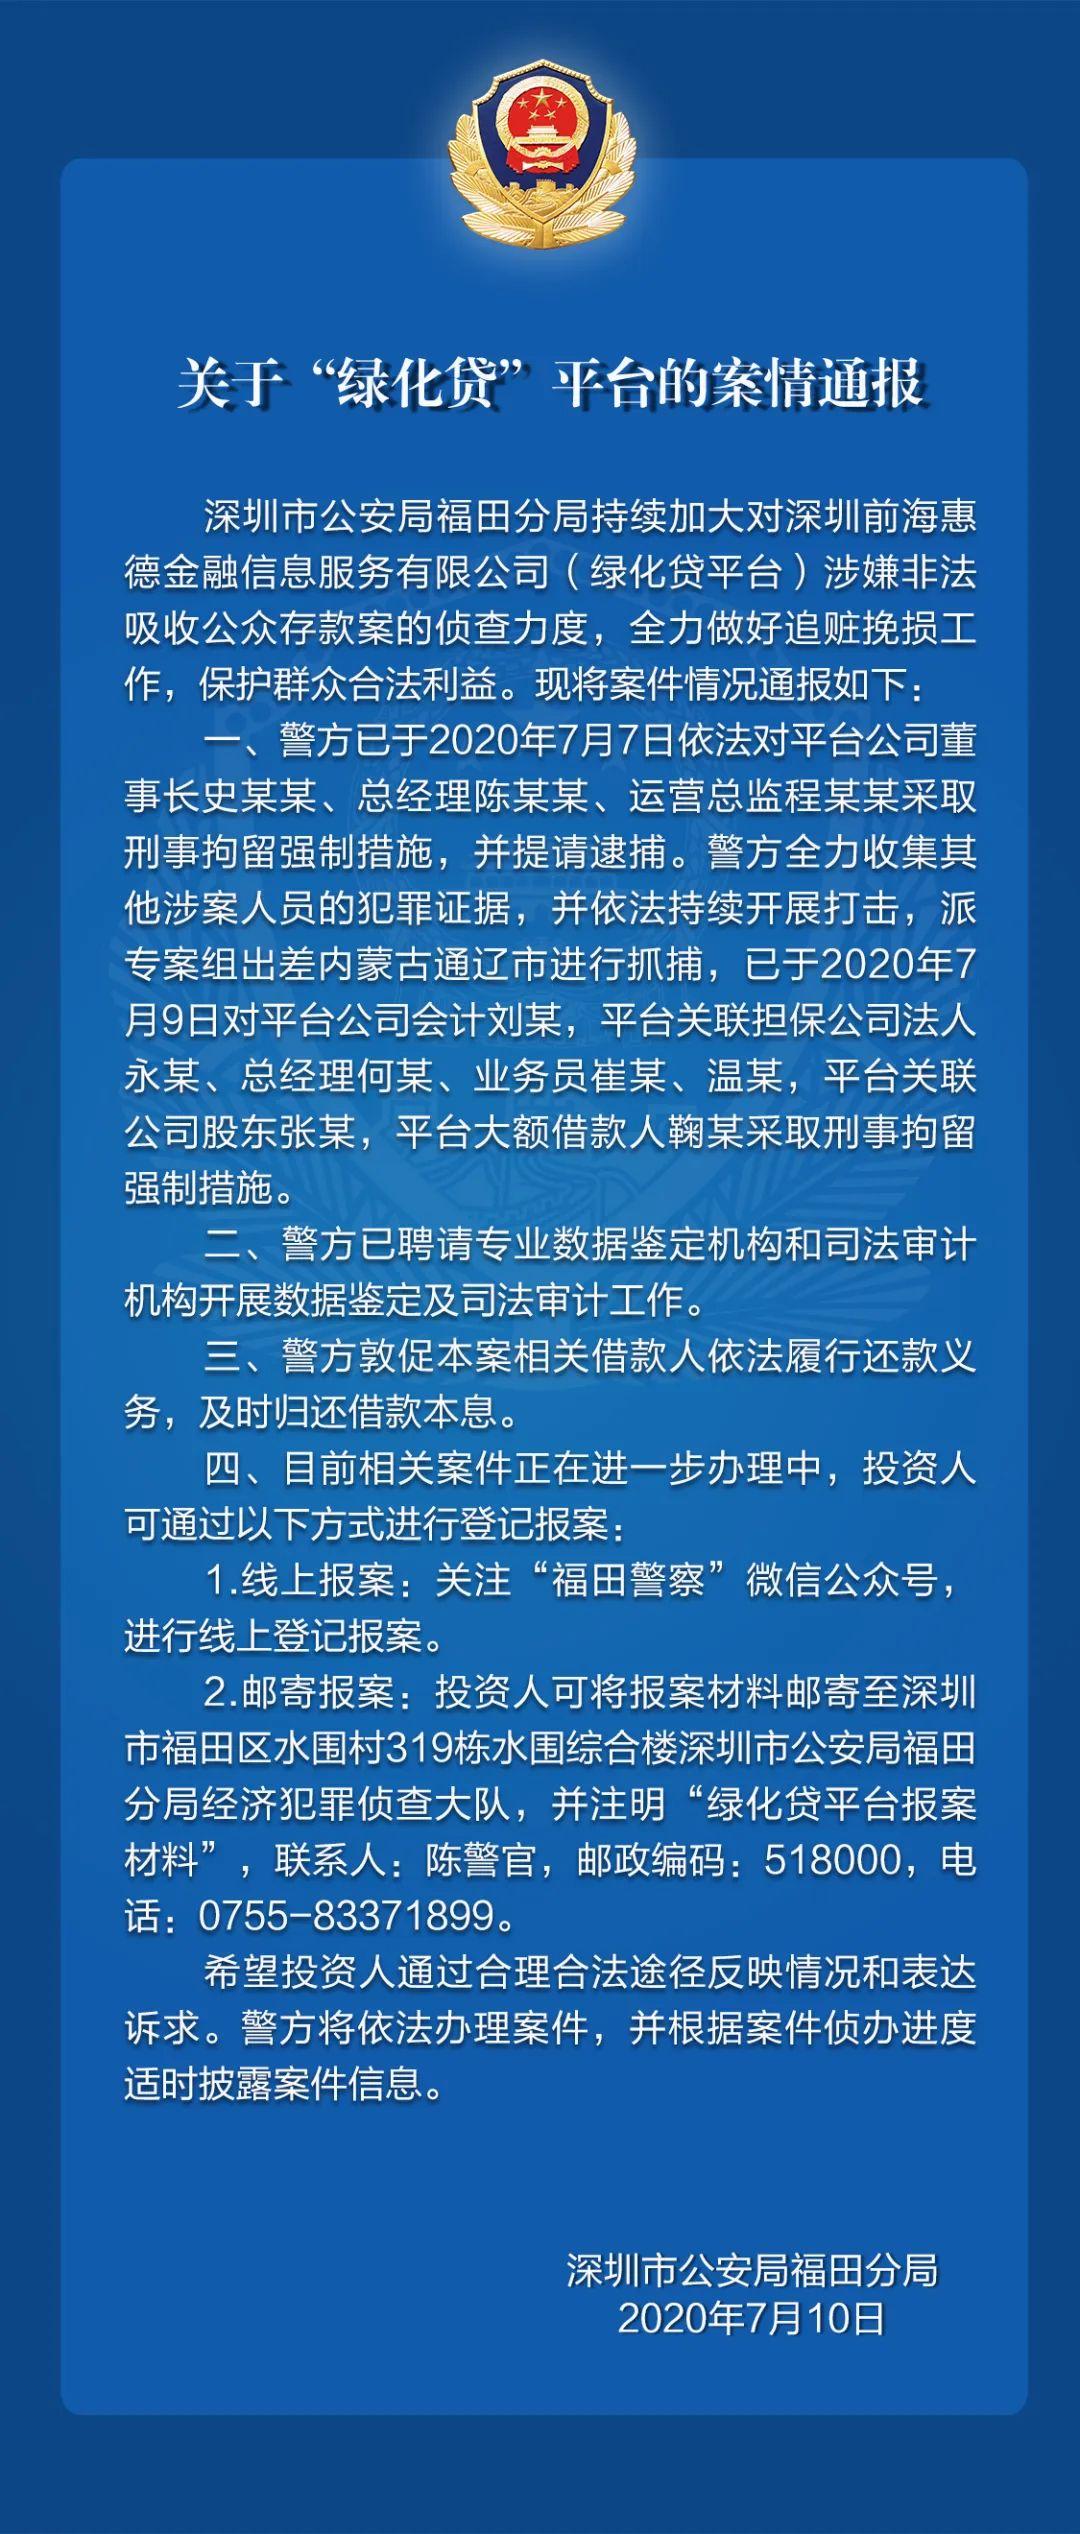 深圳又一立案平台绿化贷新进展:9人已被采取刑事强制措施